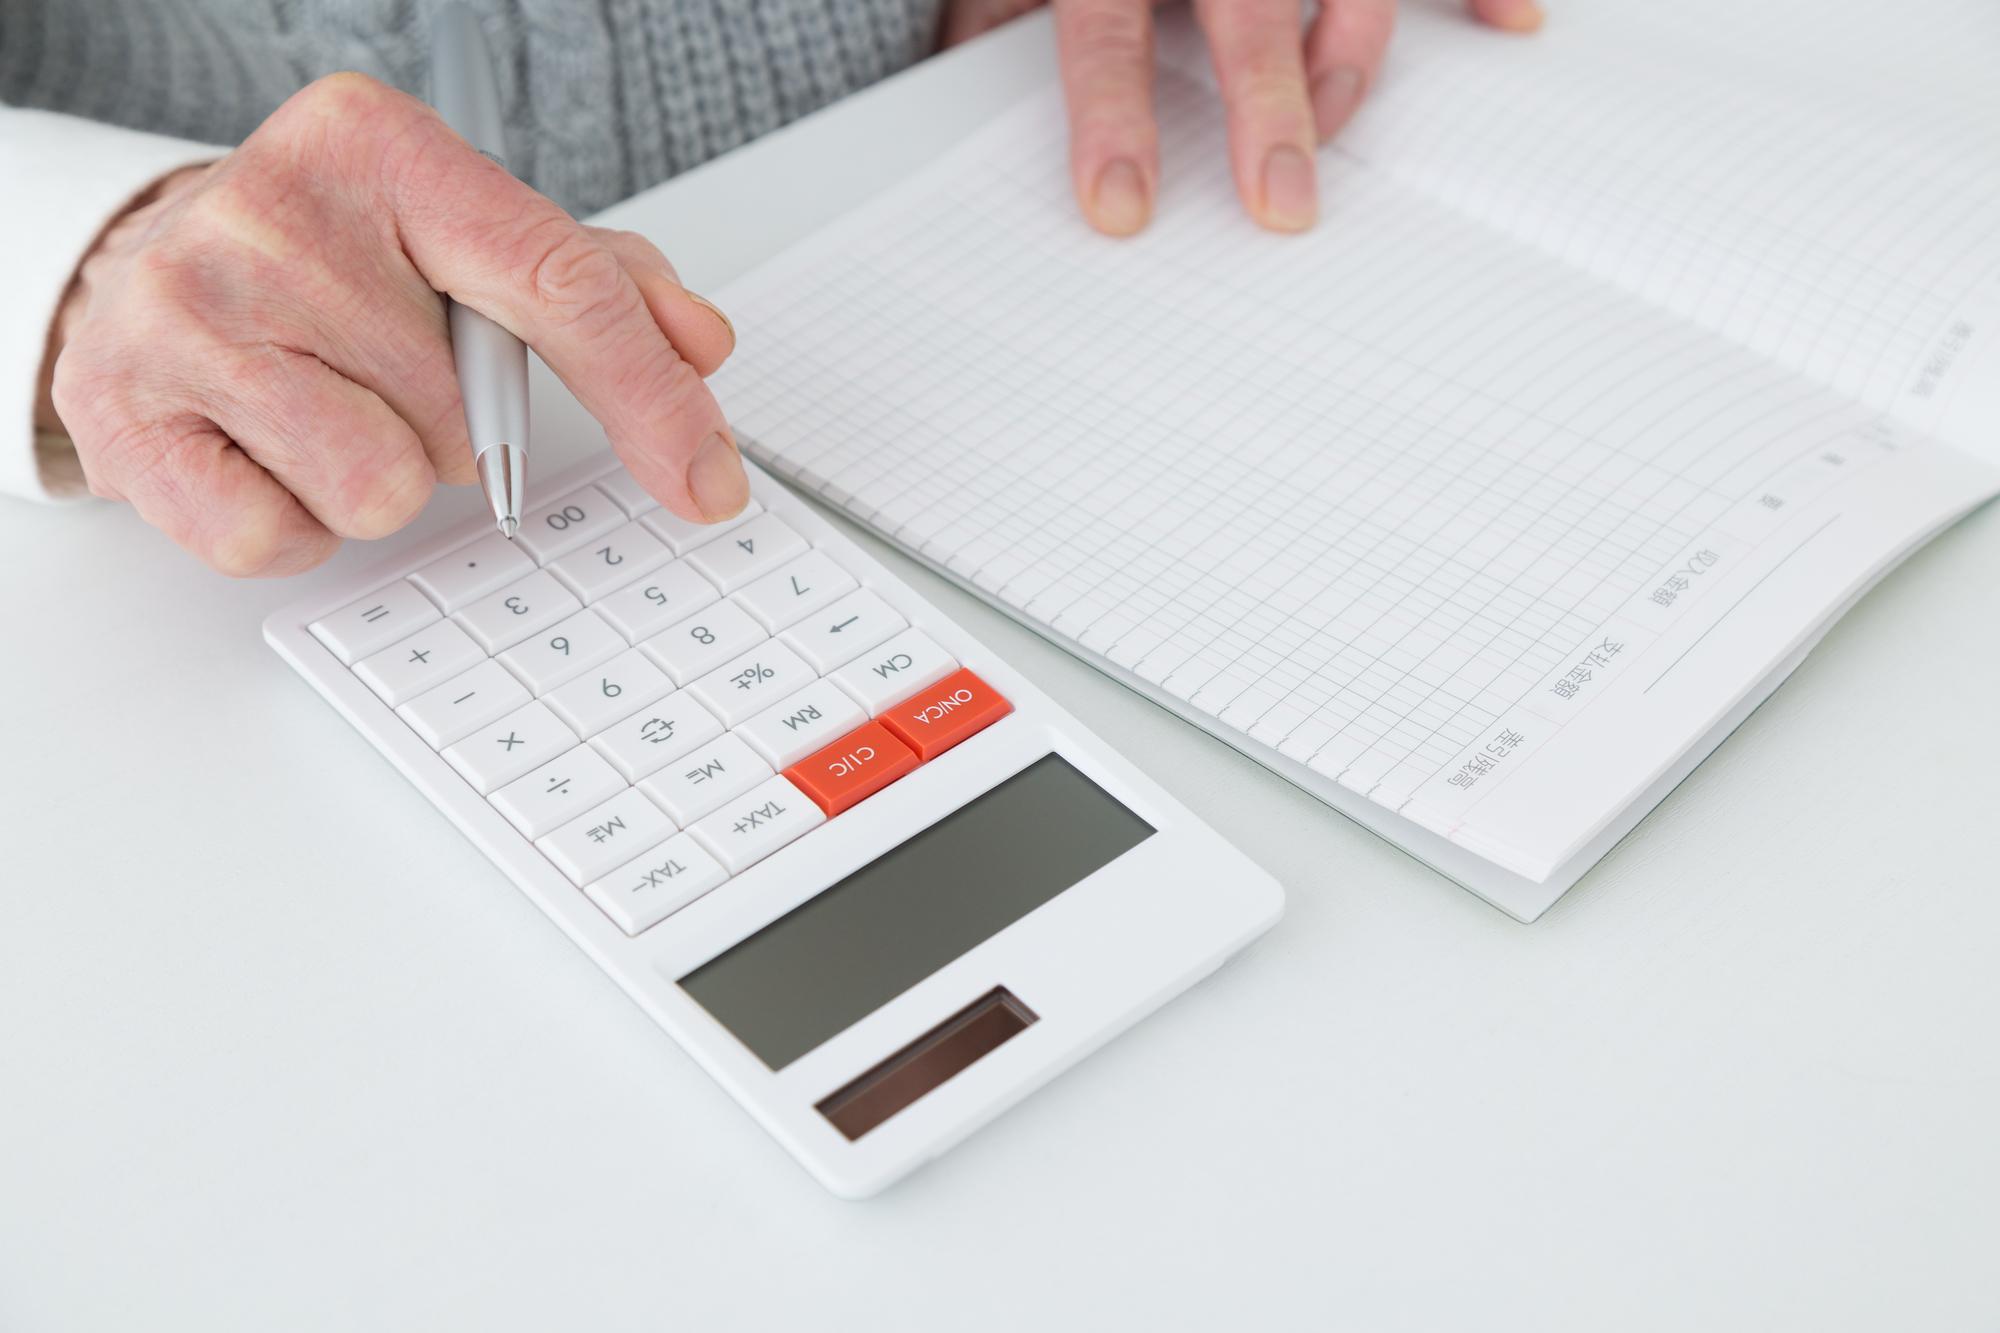 創業融資獲得ができる事業計画書とは?